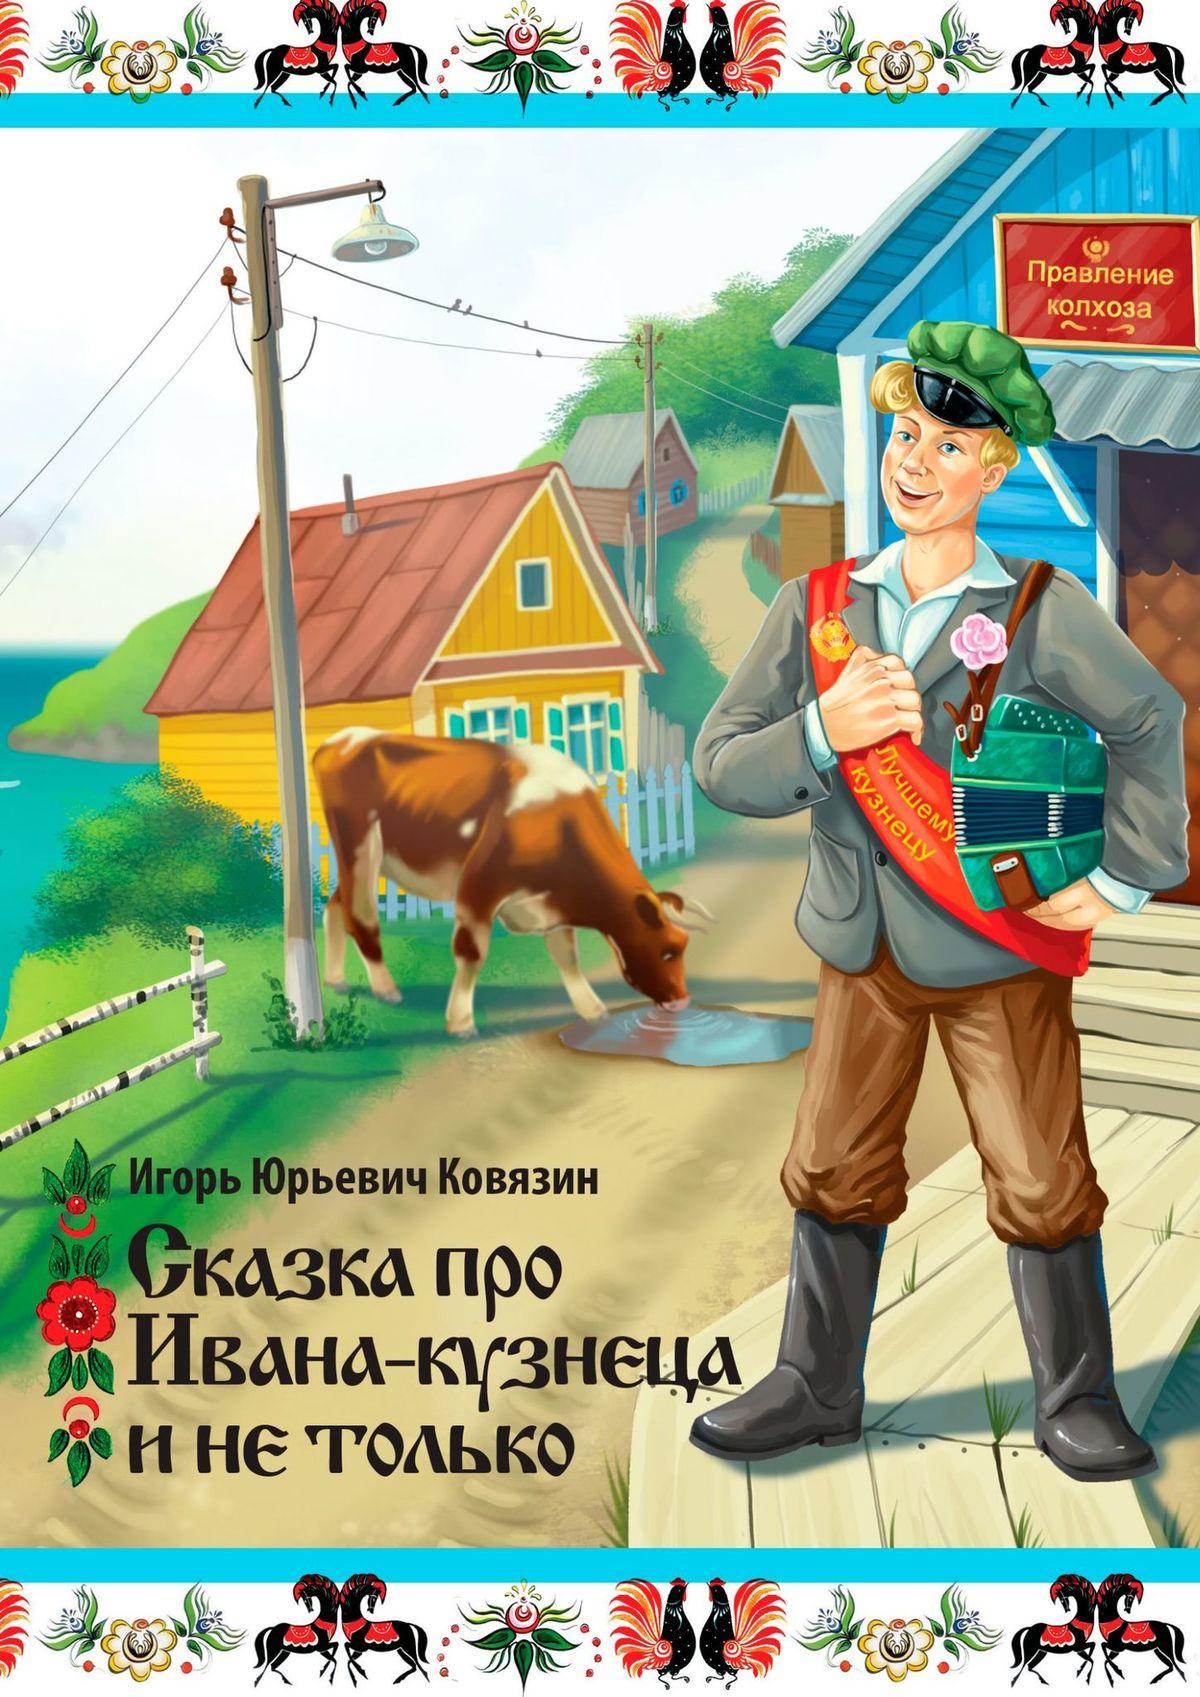 Сказка про Ивана-кузнеца и не только